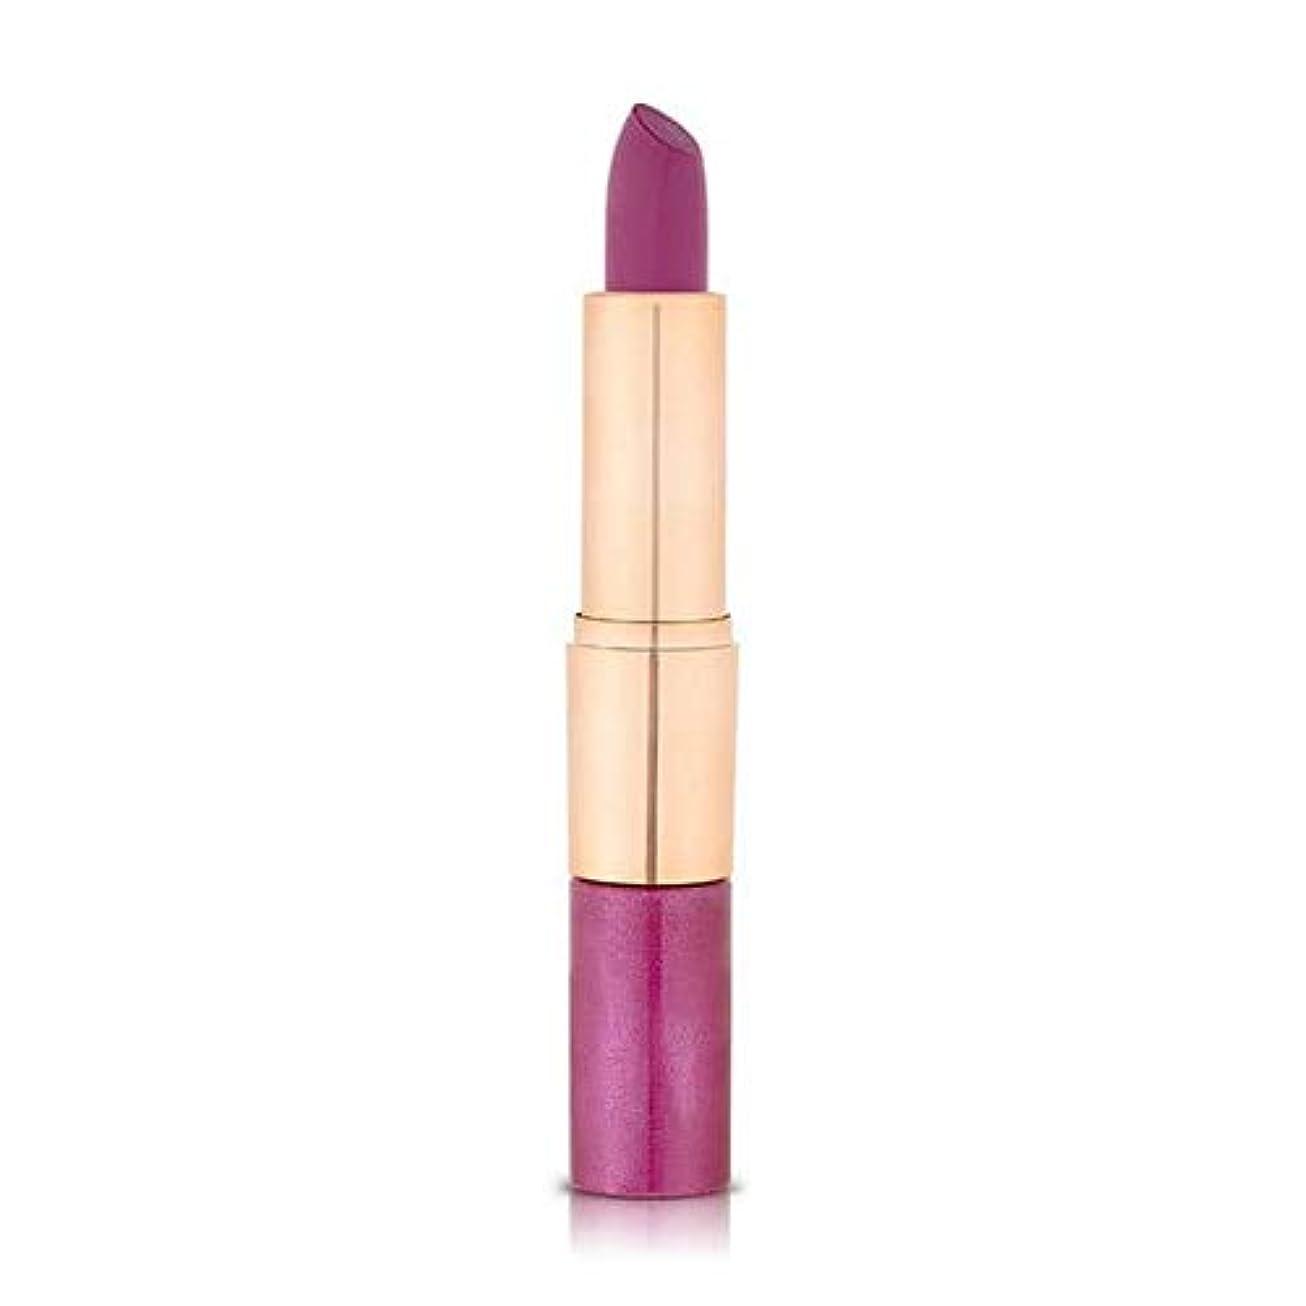 合わせてオープニング[Flower Beauty ] 花の美しさのミックスN」はマット口紅デュオバイオレットビクセン689 - Flower Beauty Mix N' Matte Lipstick Duo Violet Vixen 689...